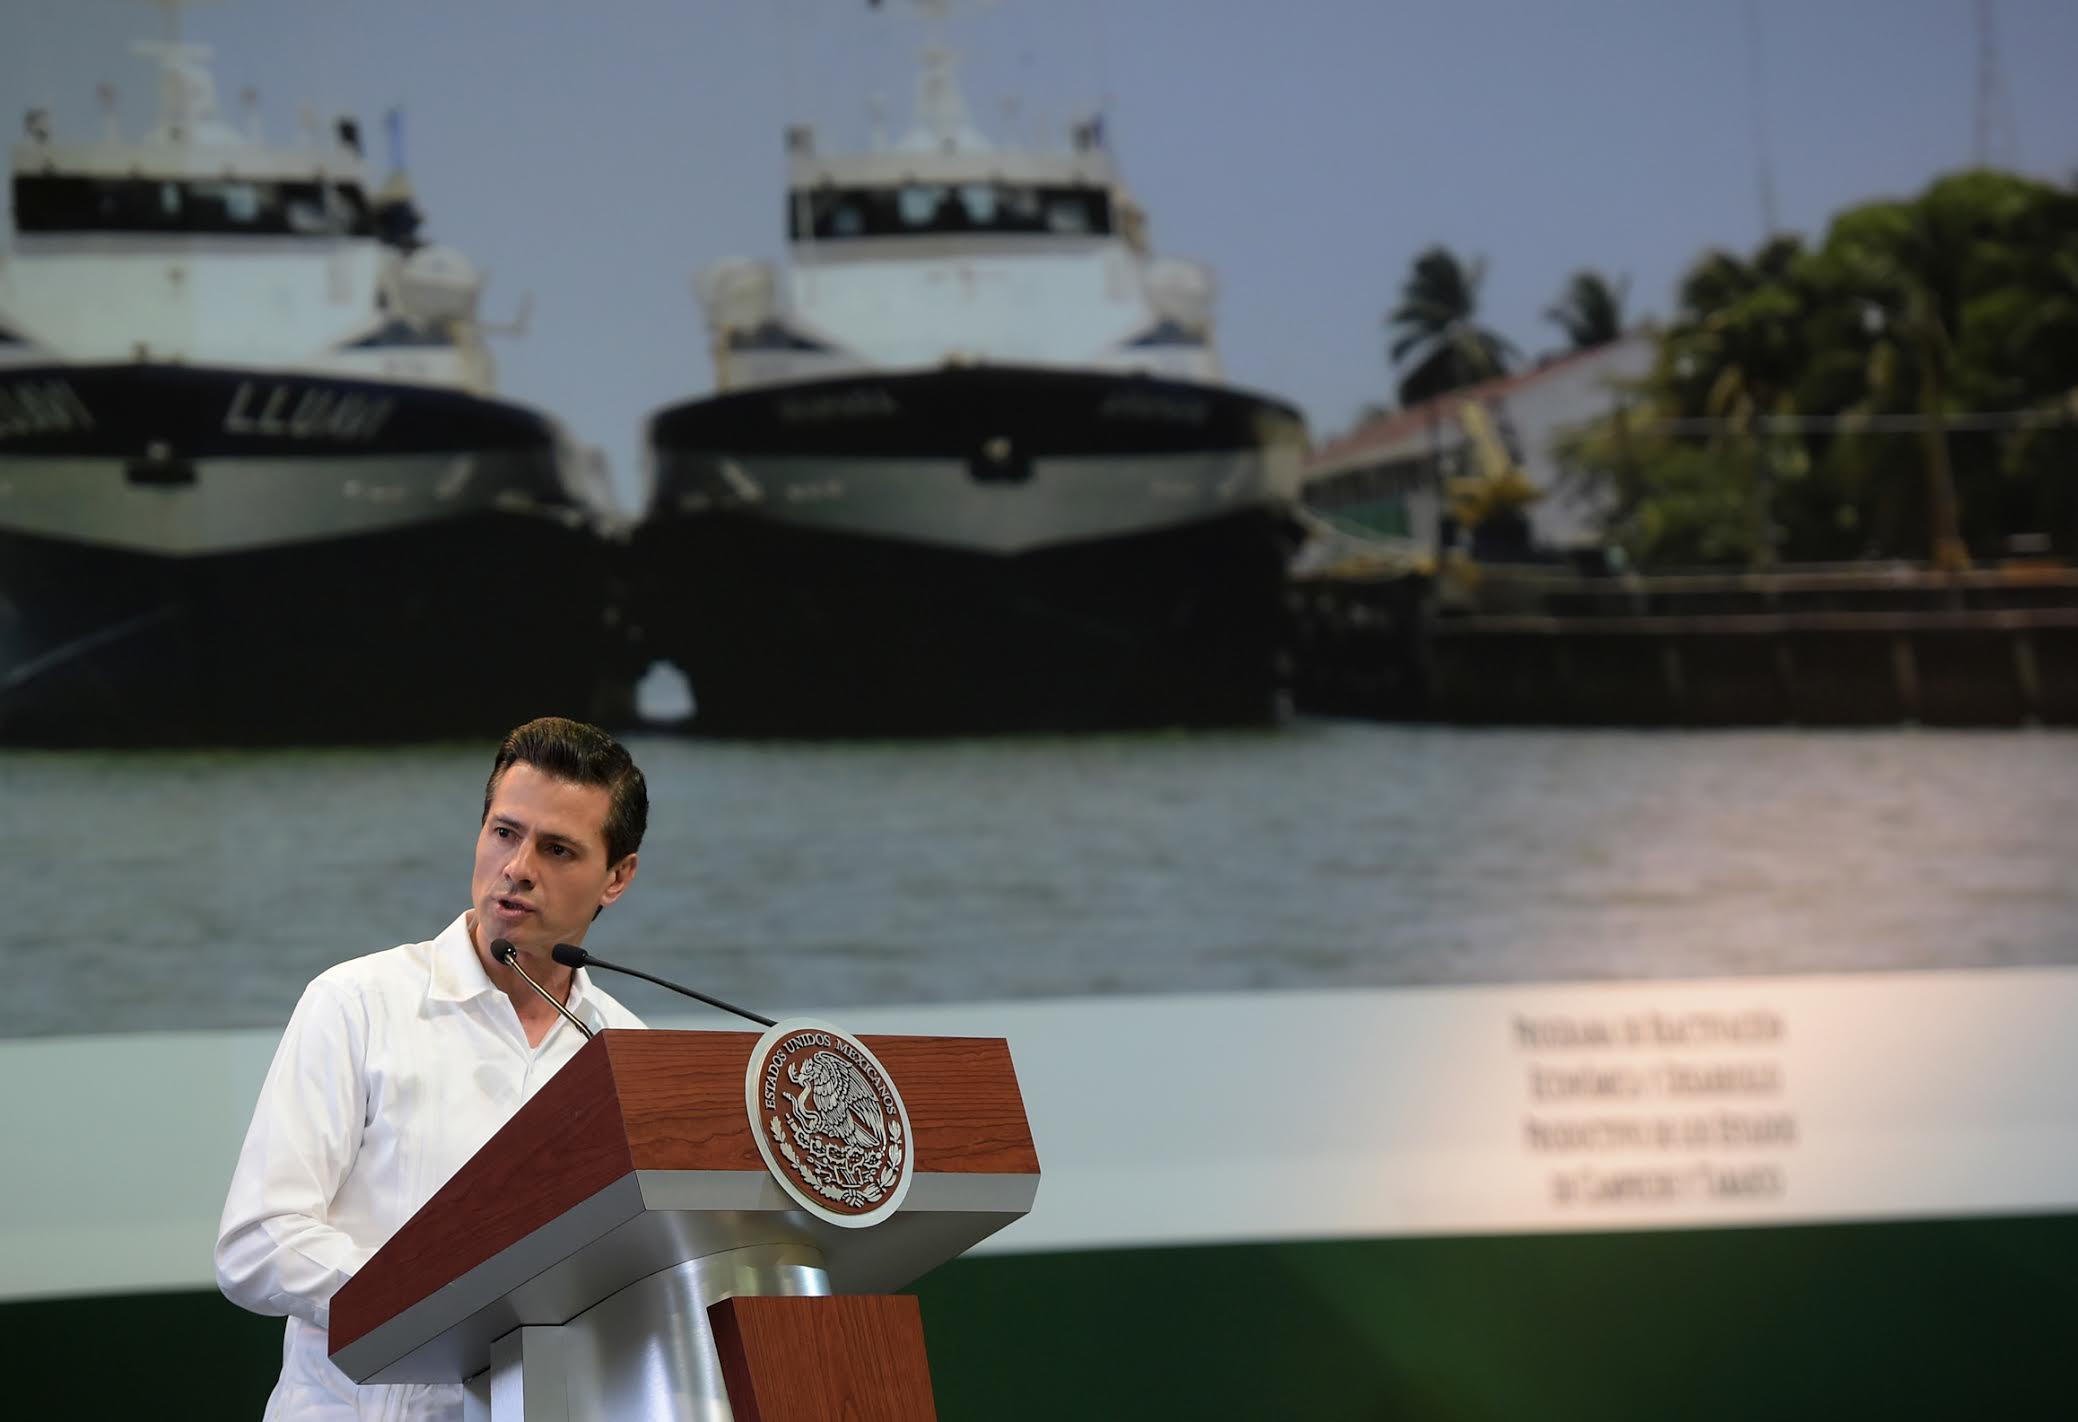 El Primer Mandatario ofrece su discurso en el evento de presentación del programa de apoyo económico para los estados de Campeche y Tabasco.